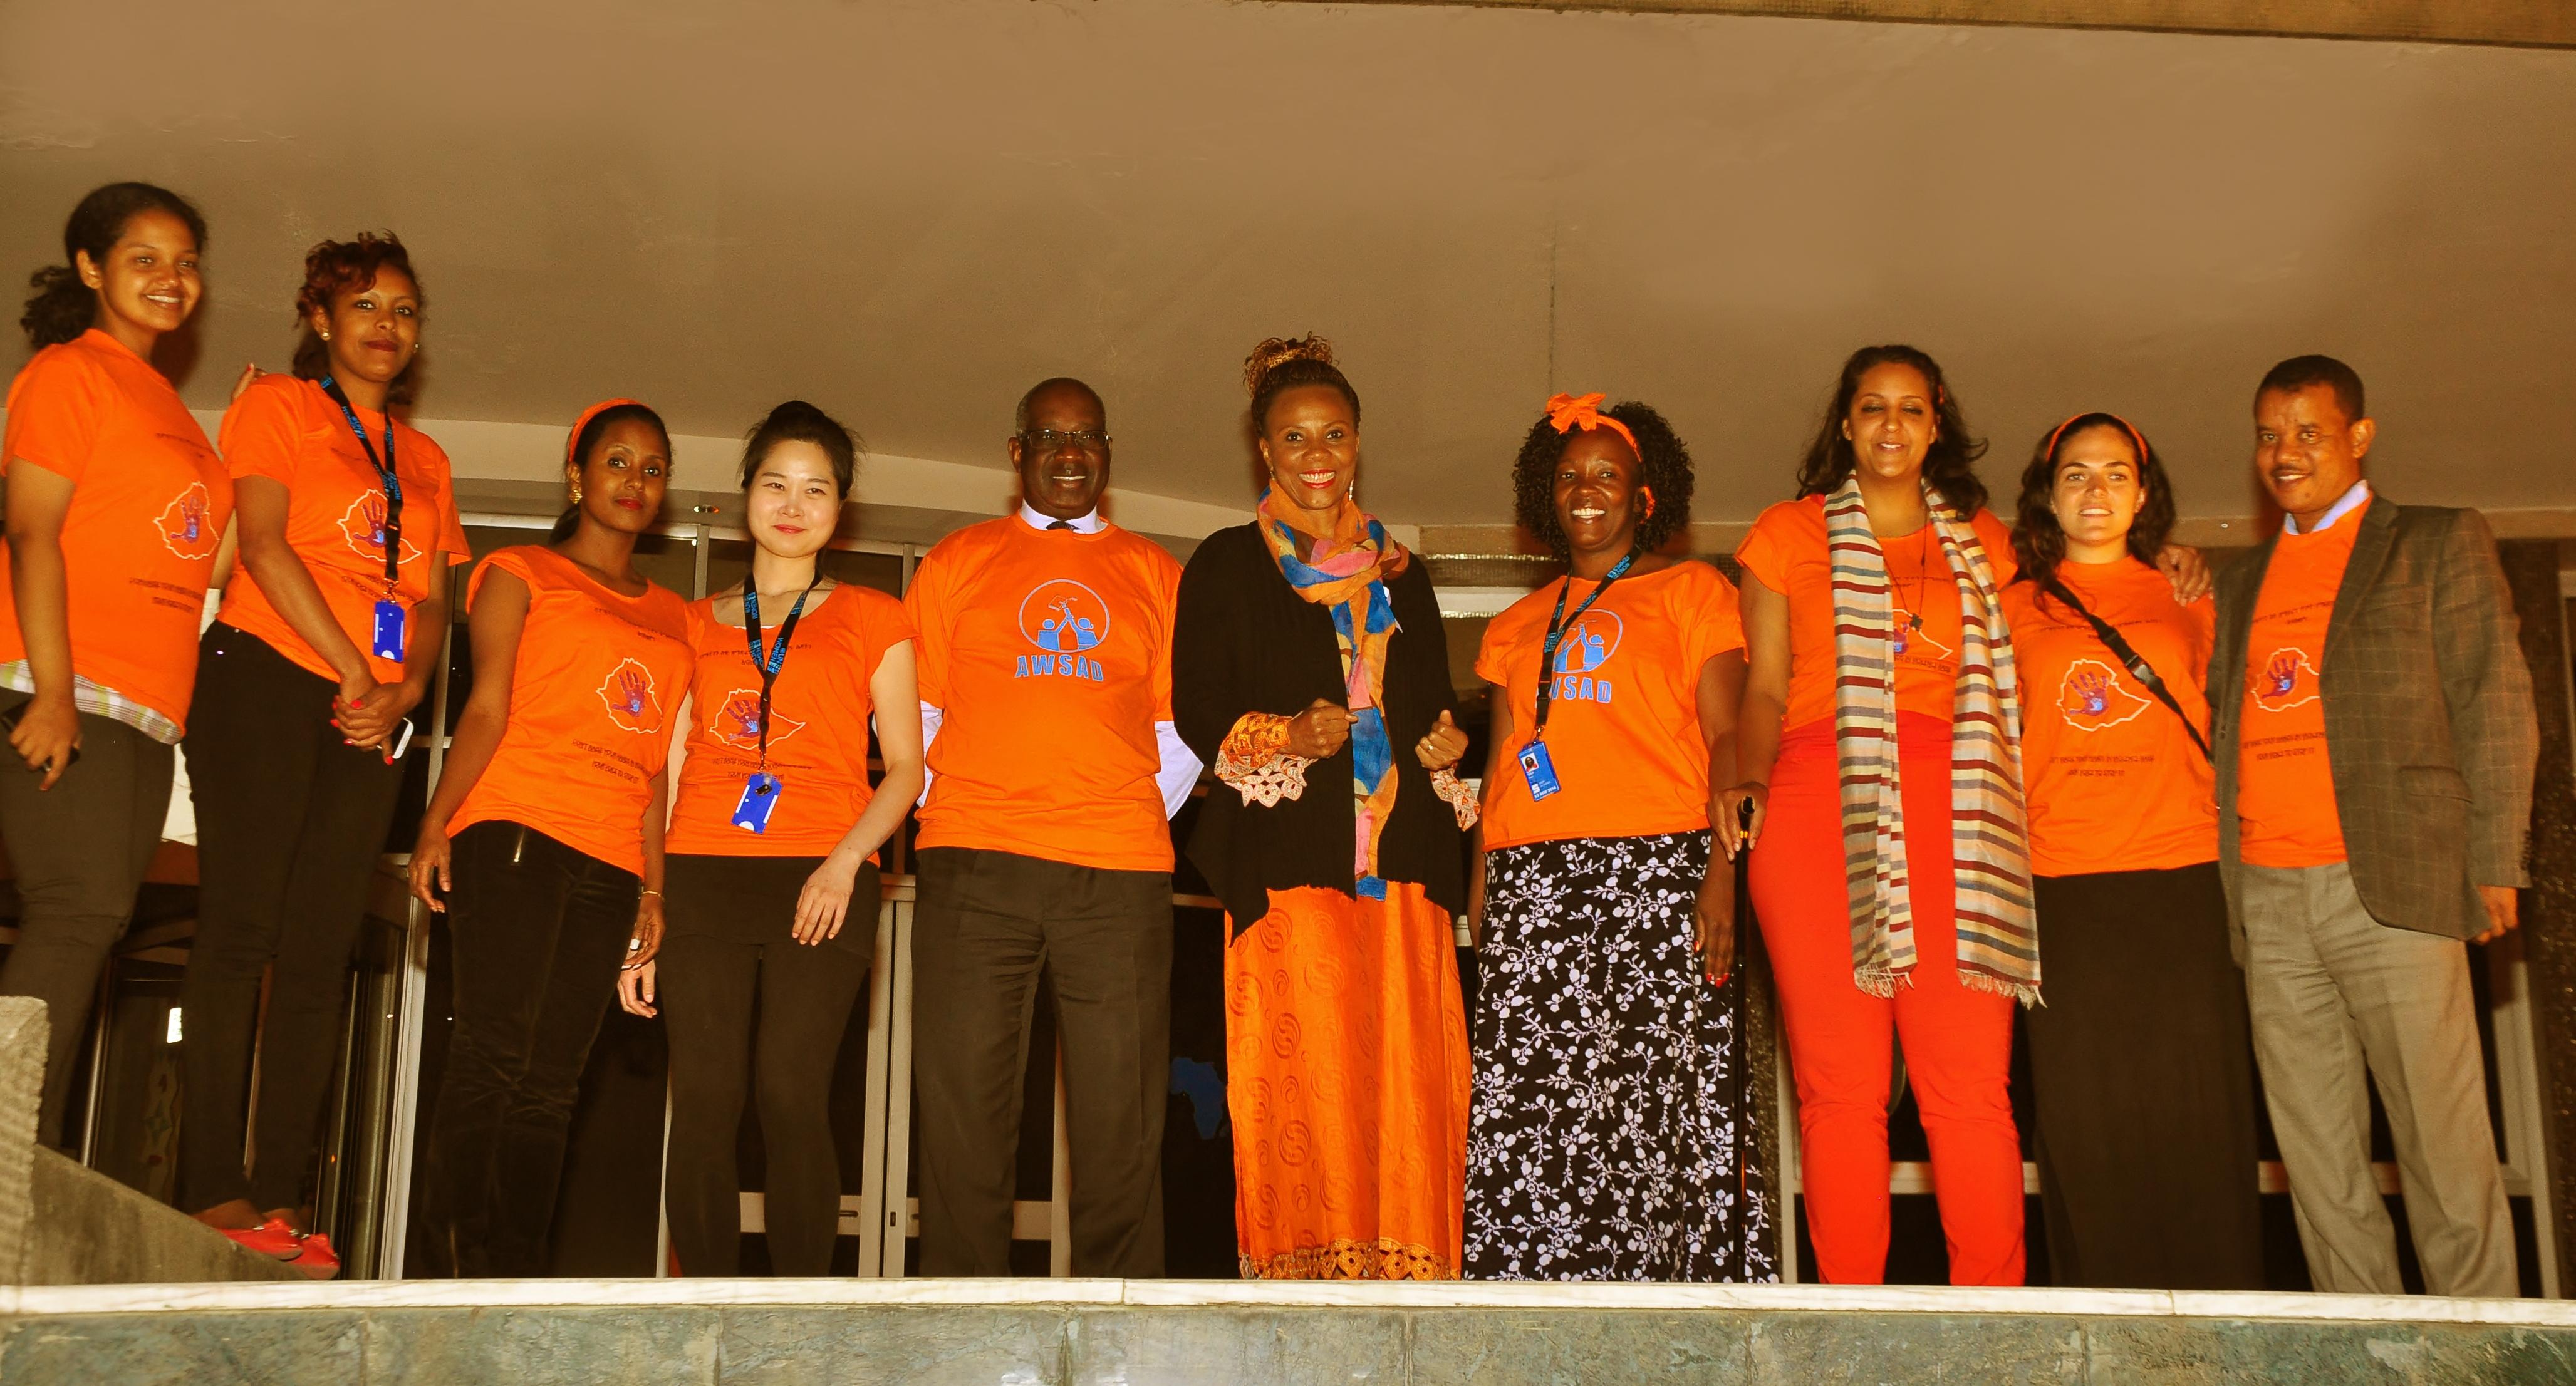 Ethiopia celebrated 16 Days of Activism against Gender-Based Violence